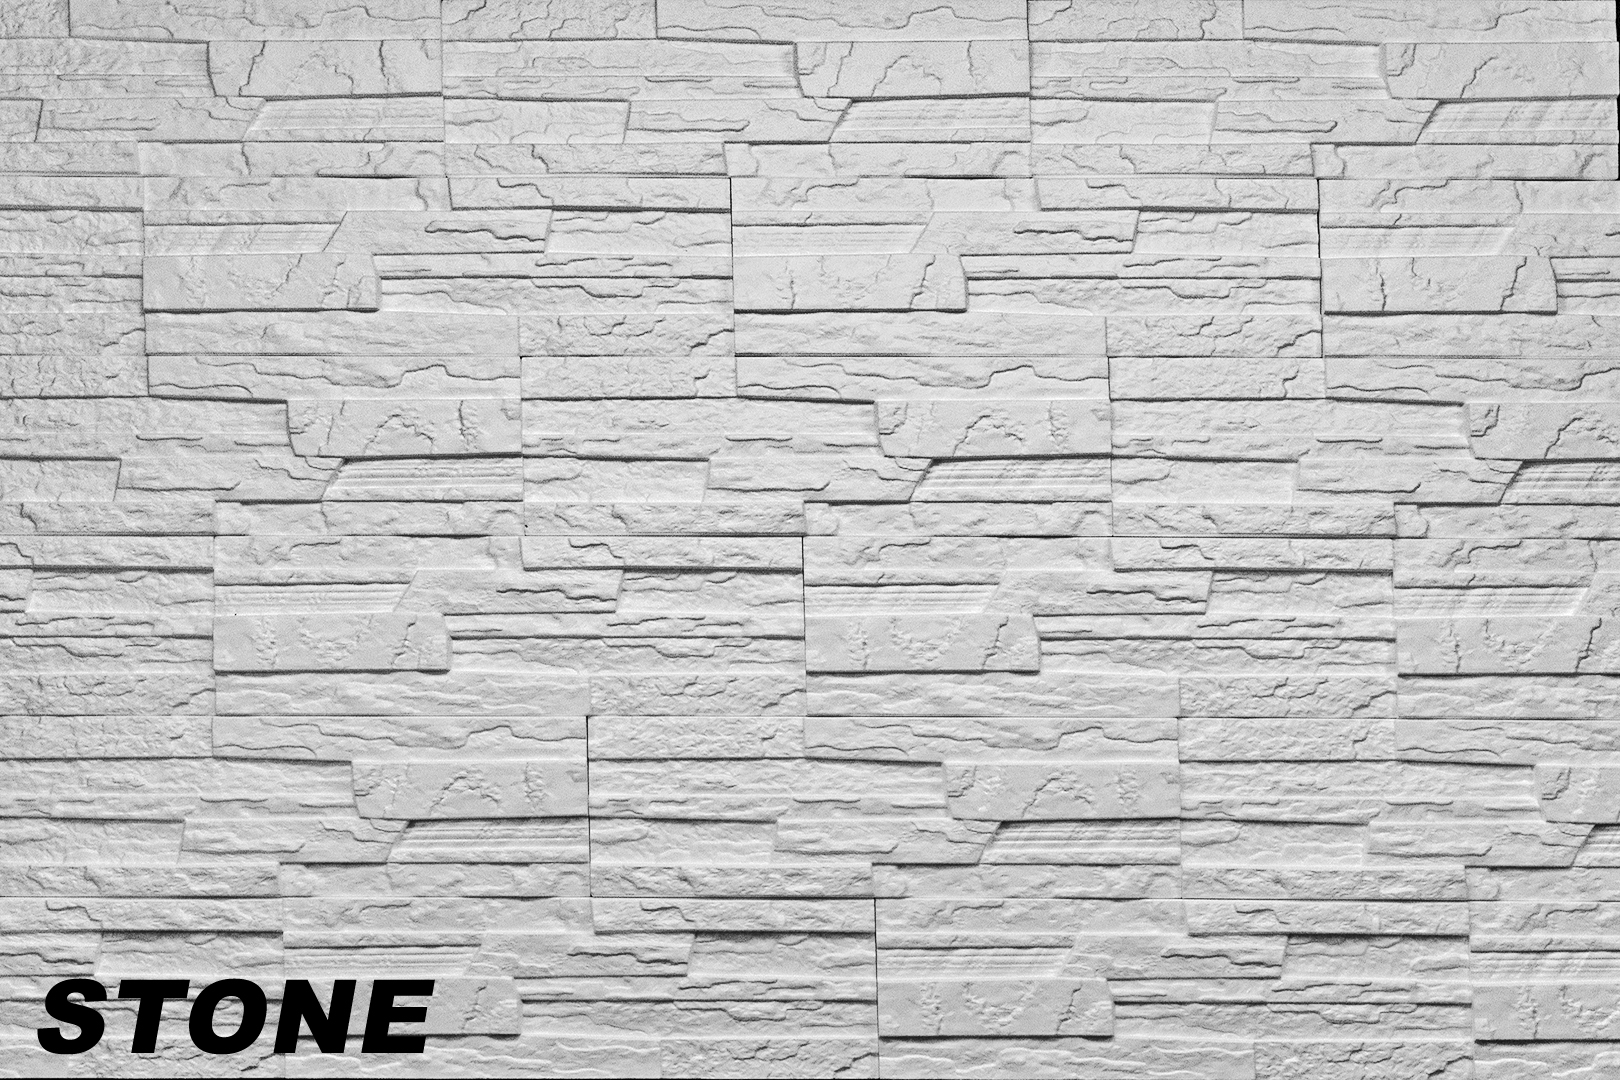 5 m2 eps dekorsteine wandverkleidung steinplatten bruchsteine verblender stone ebay. Black Bedroom Furniture Sets. Home Design Ideas